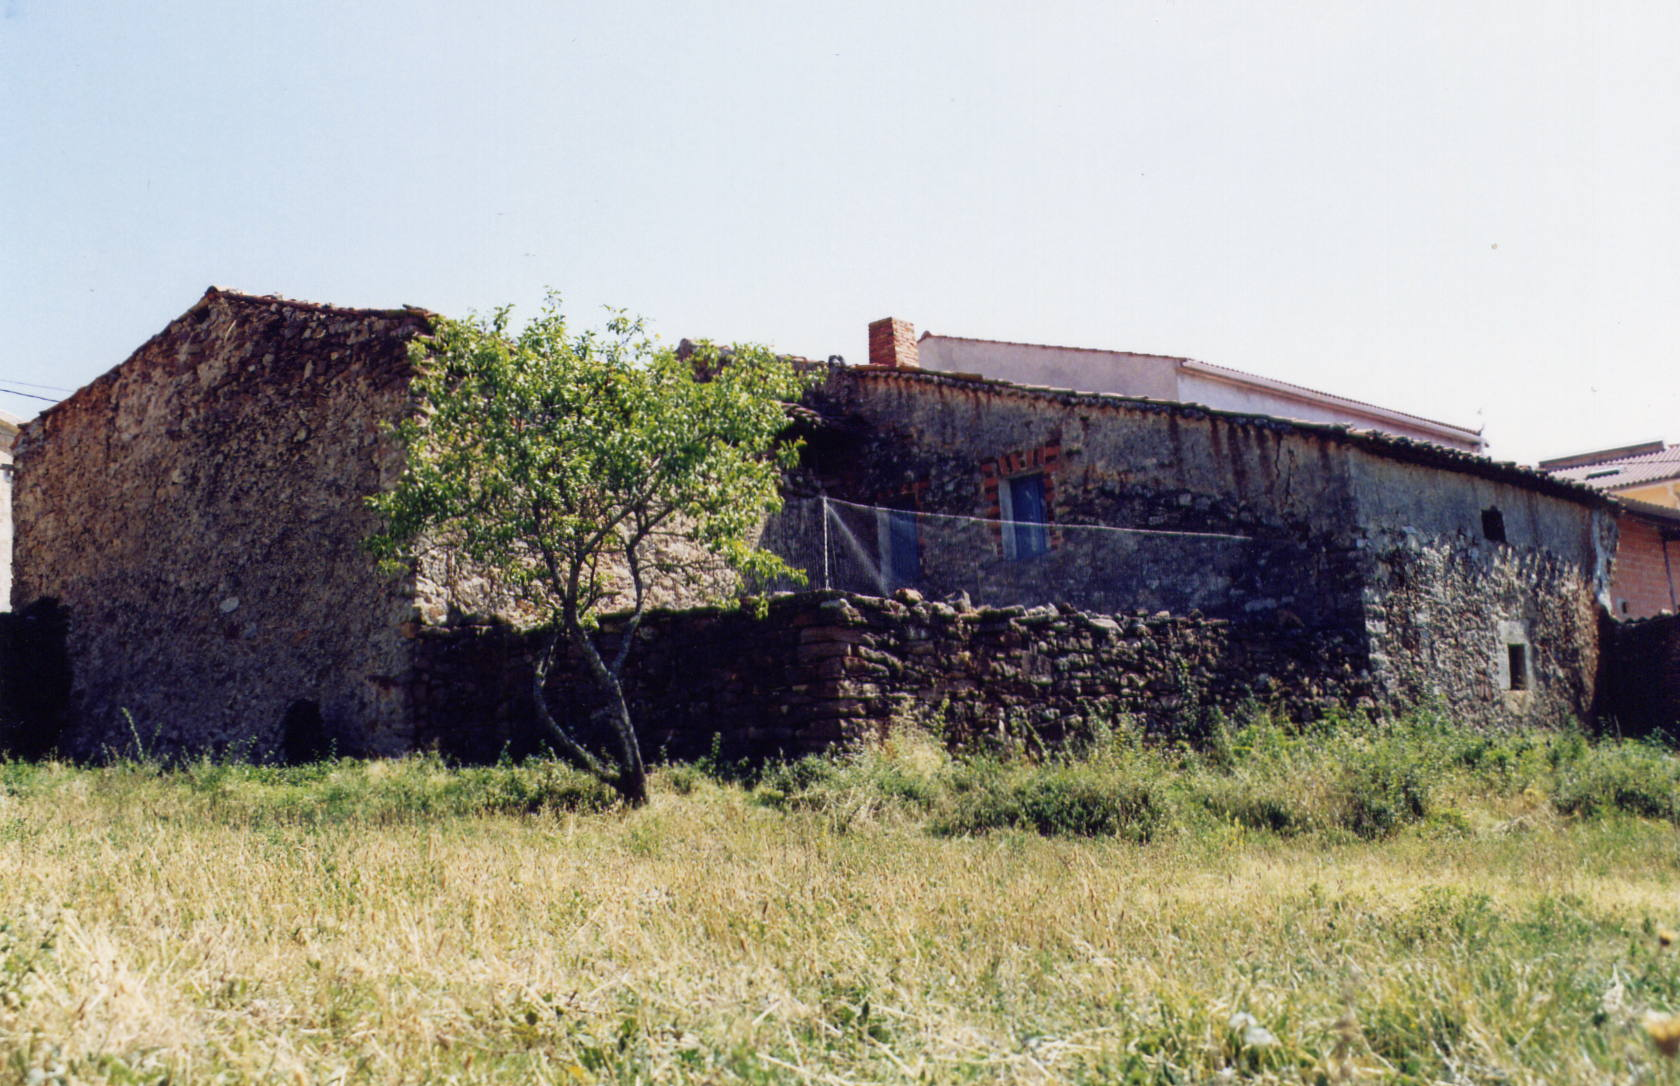 patio de la vieja casa con alambrada